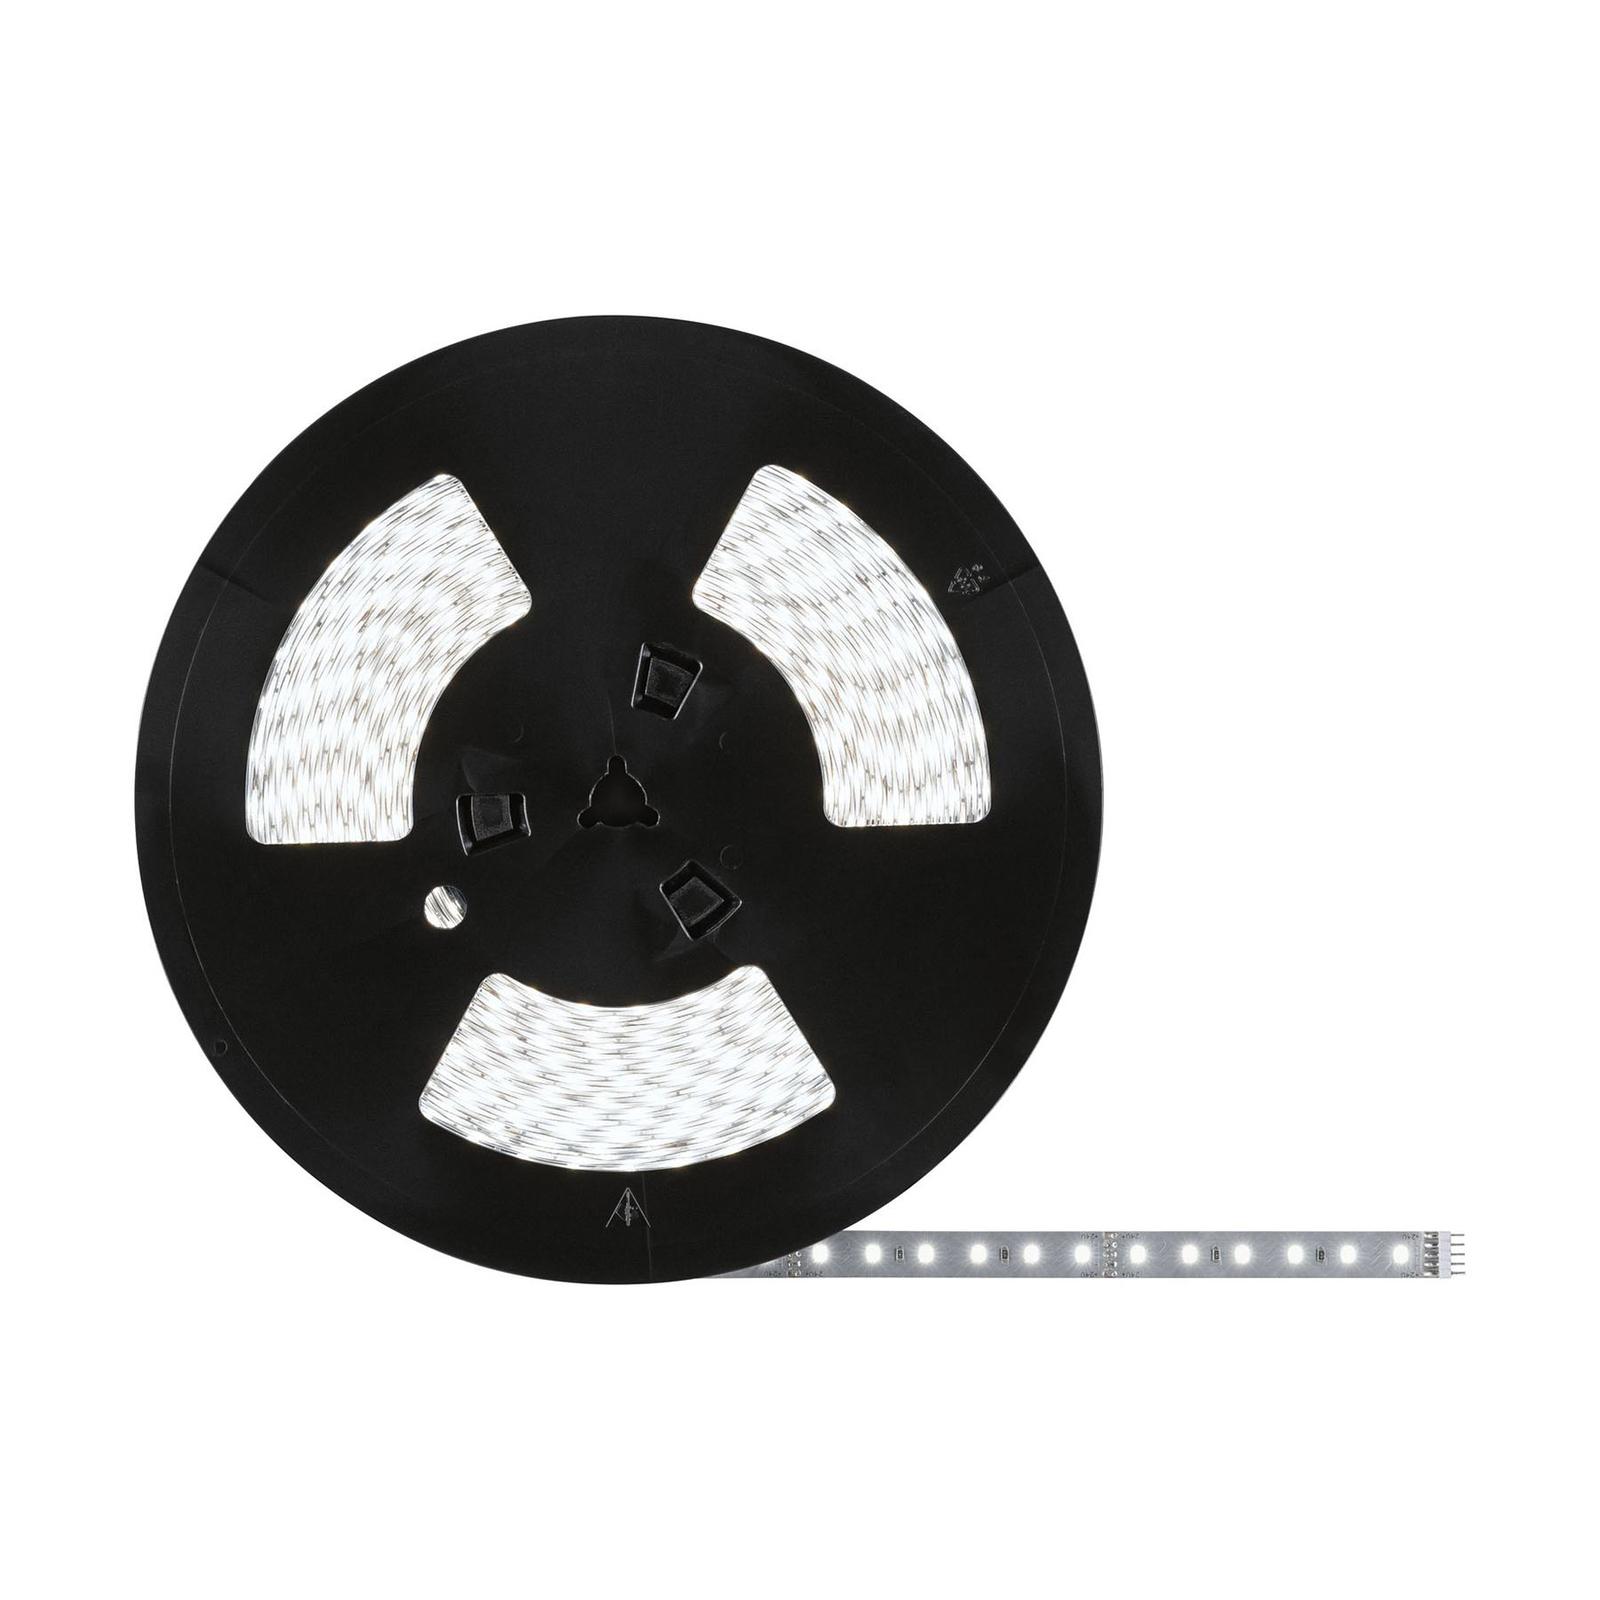 Paulmann MaxLED 500 LED-Strip, 20m 6.500 K